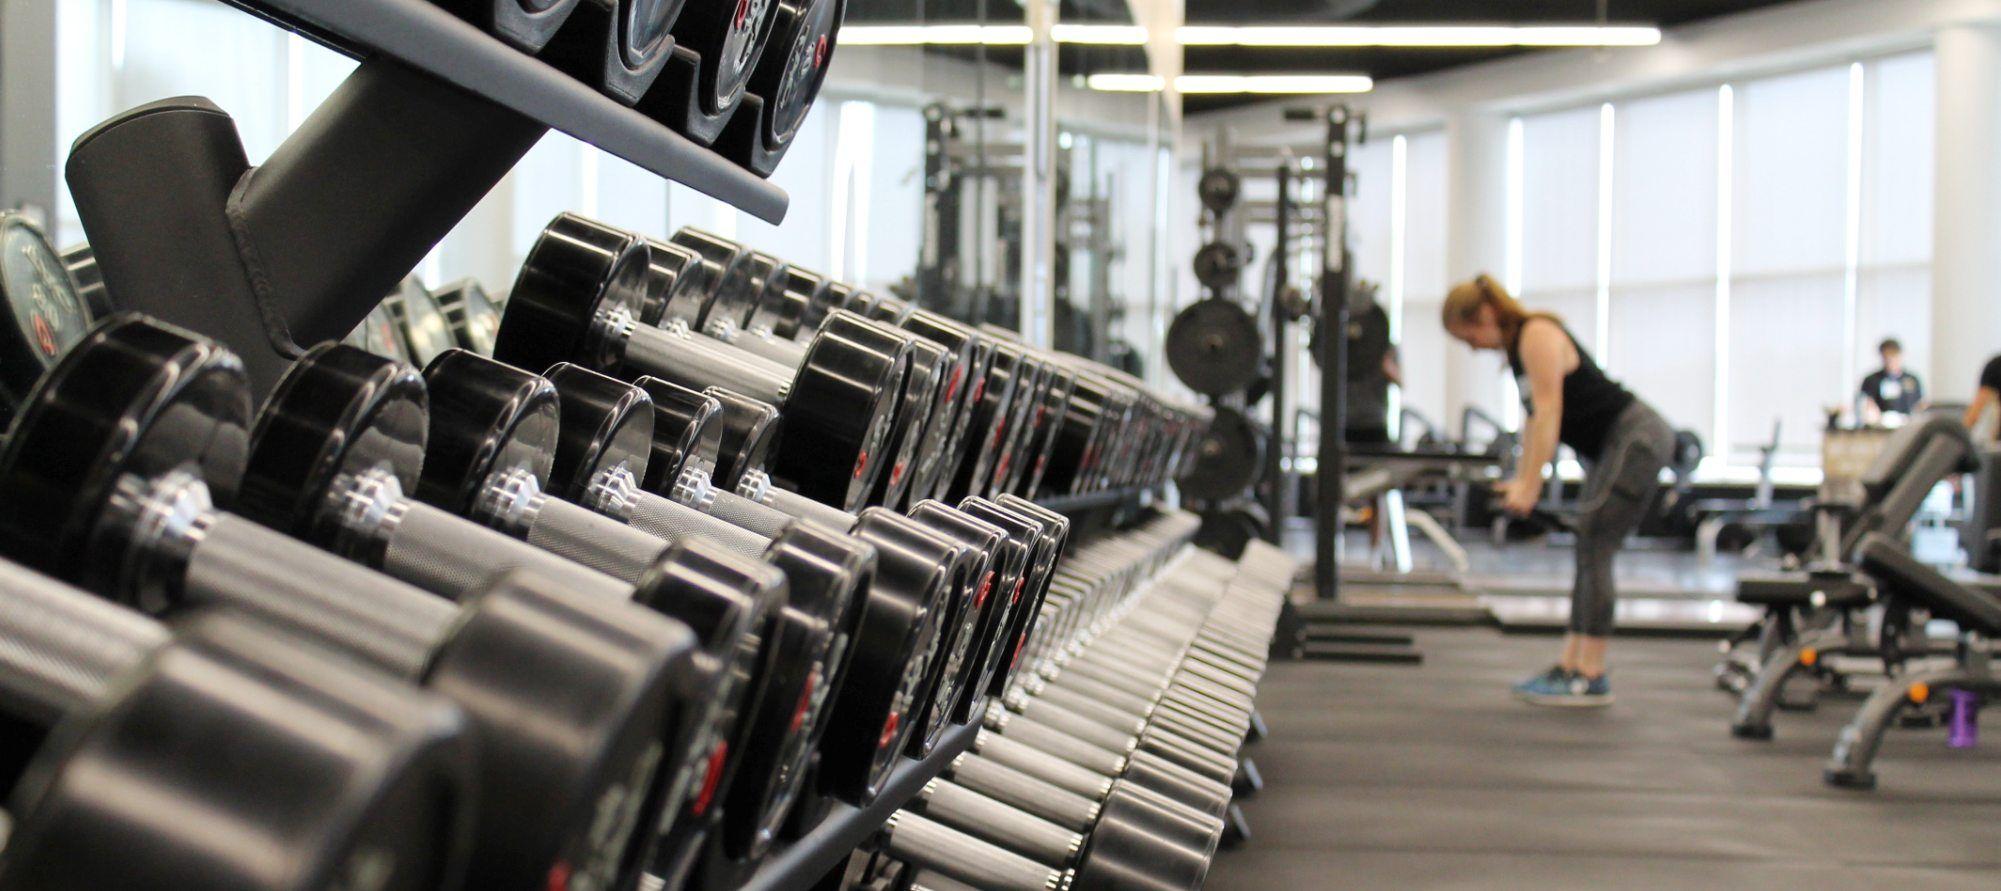 Trenerzy personalni, siłownie i kluby fitness portal wiedzy o zdrowiu ozdrowiezadbaj.pl (4)